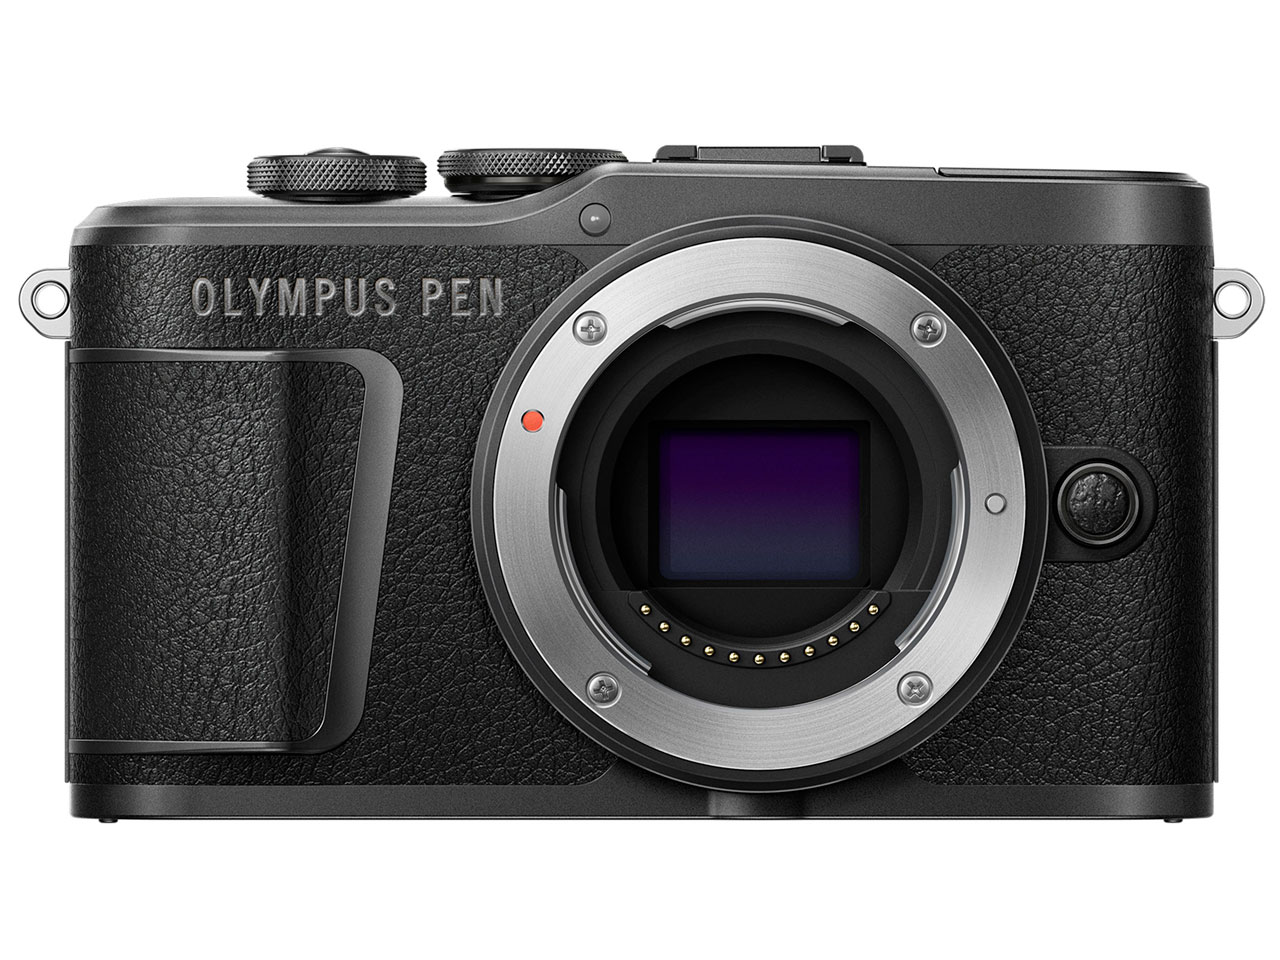 OLYMPUS PEN E-PL10 ボディ [ブラック]【お取り寄せ商品(3週間~4週間程度での入荷、発送)】